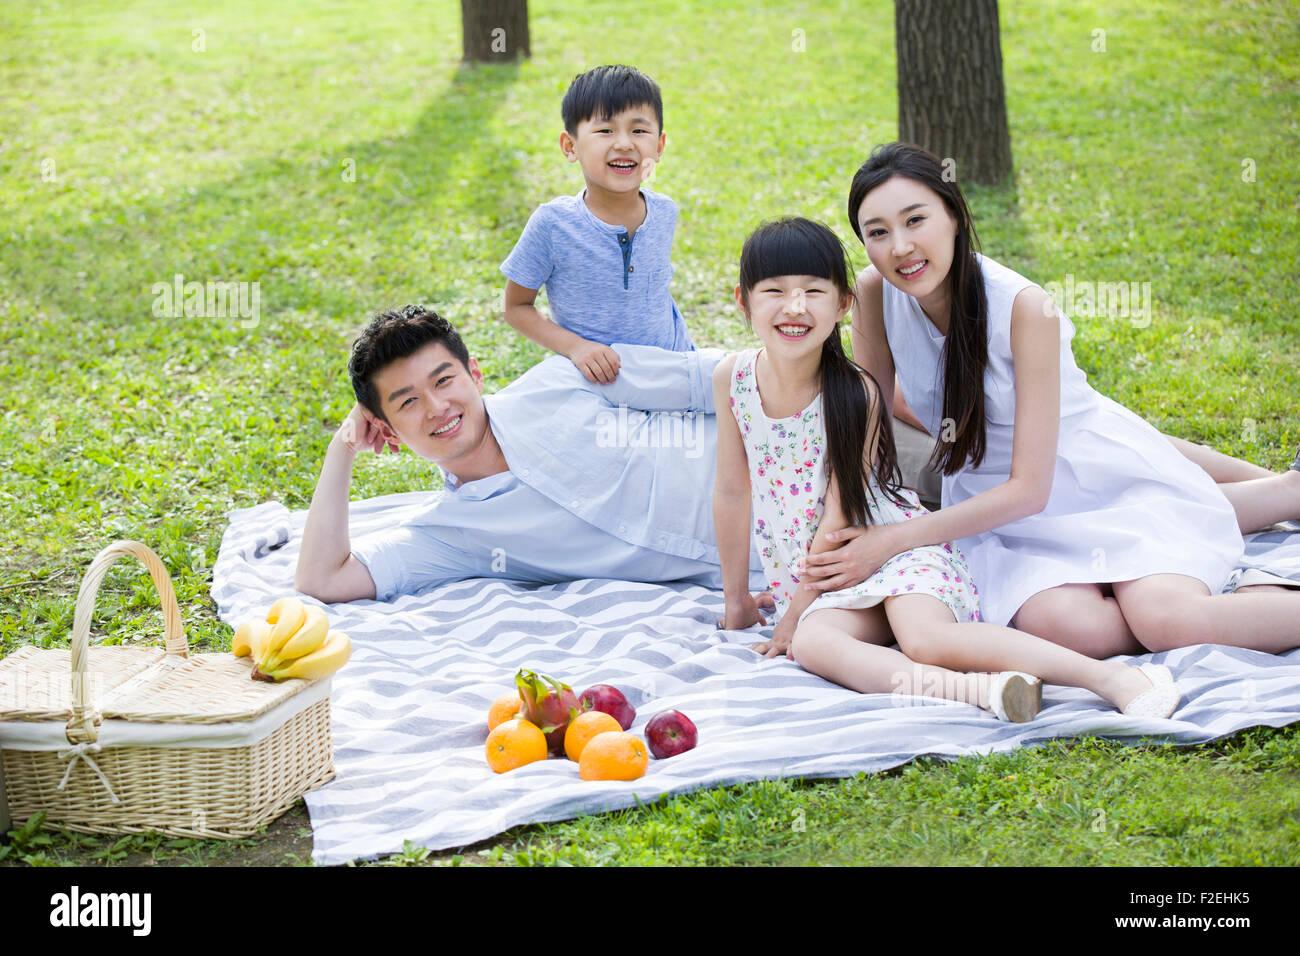 Happy Family having picnic sur l'herbe Photo Stock